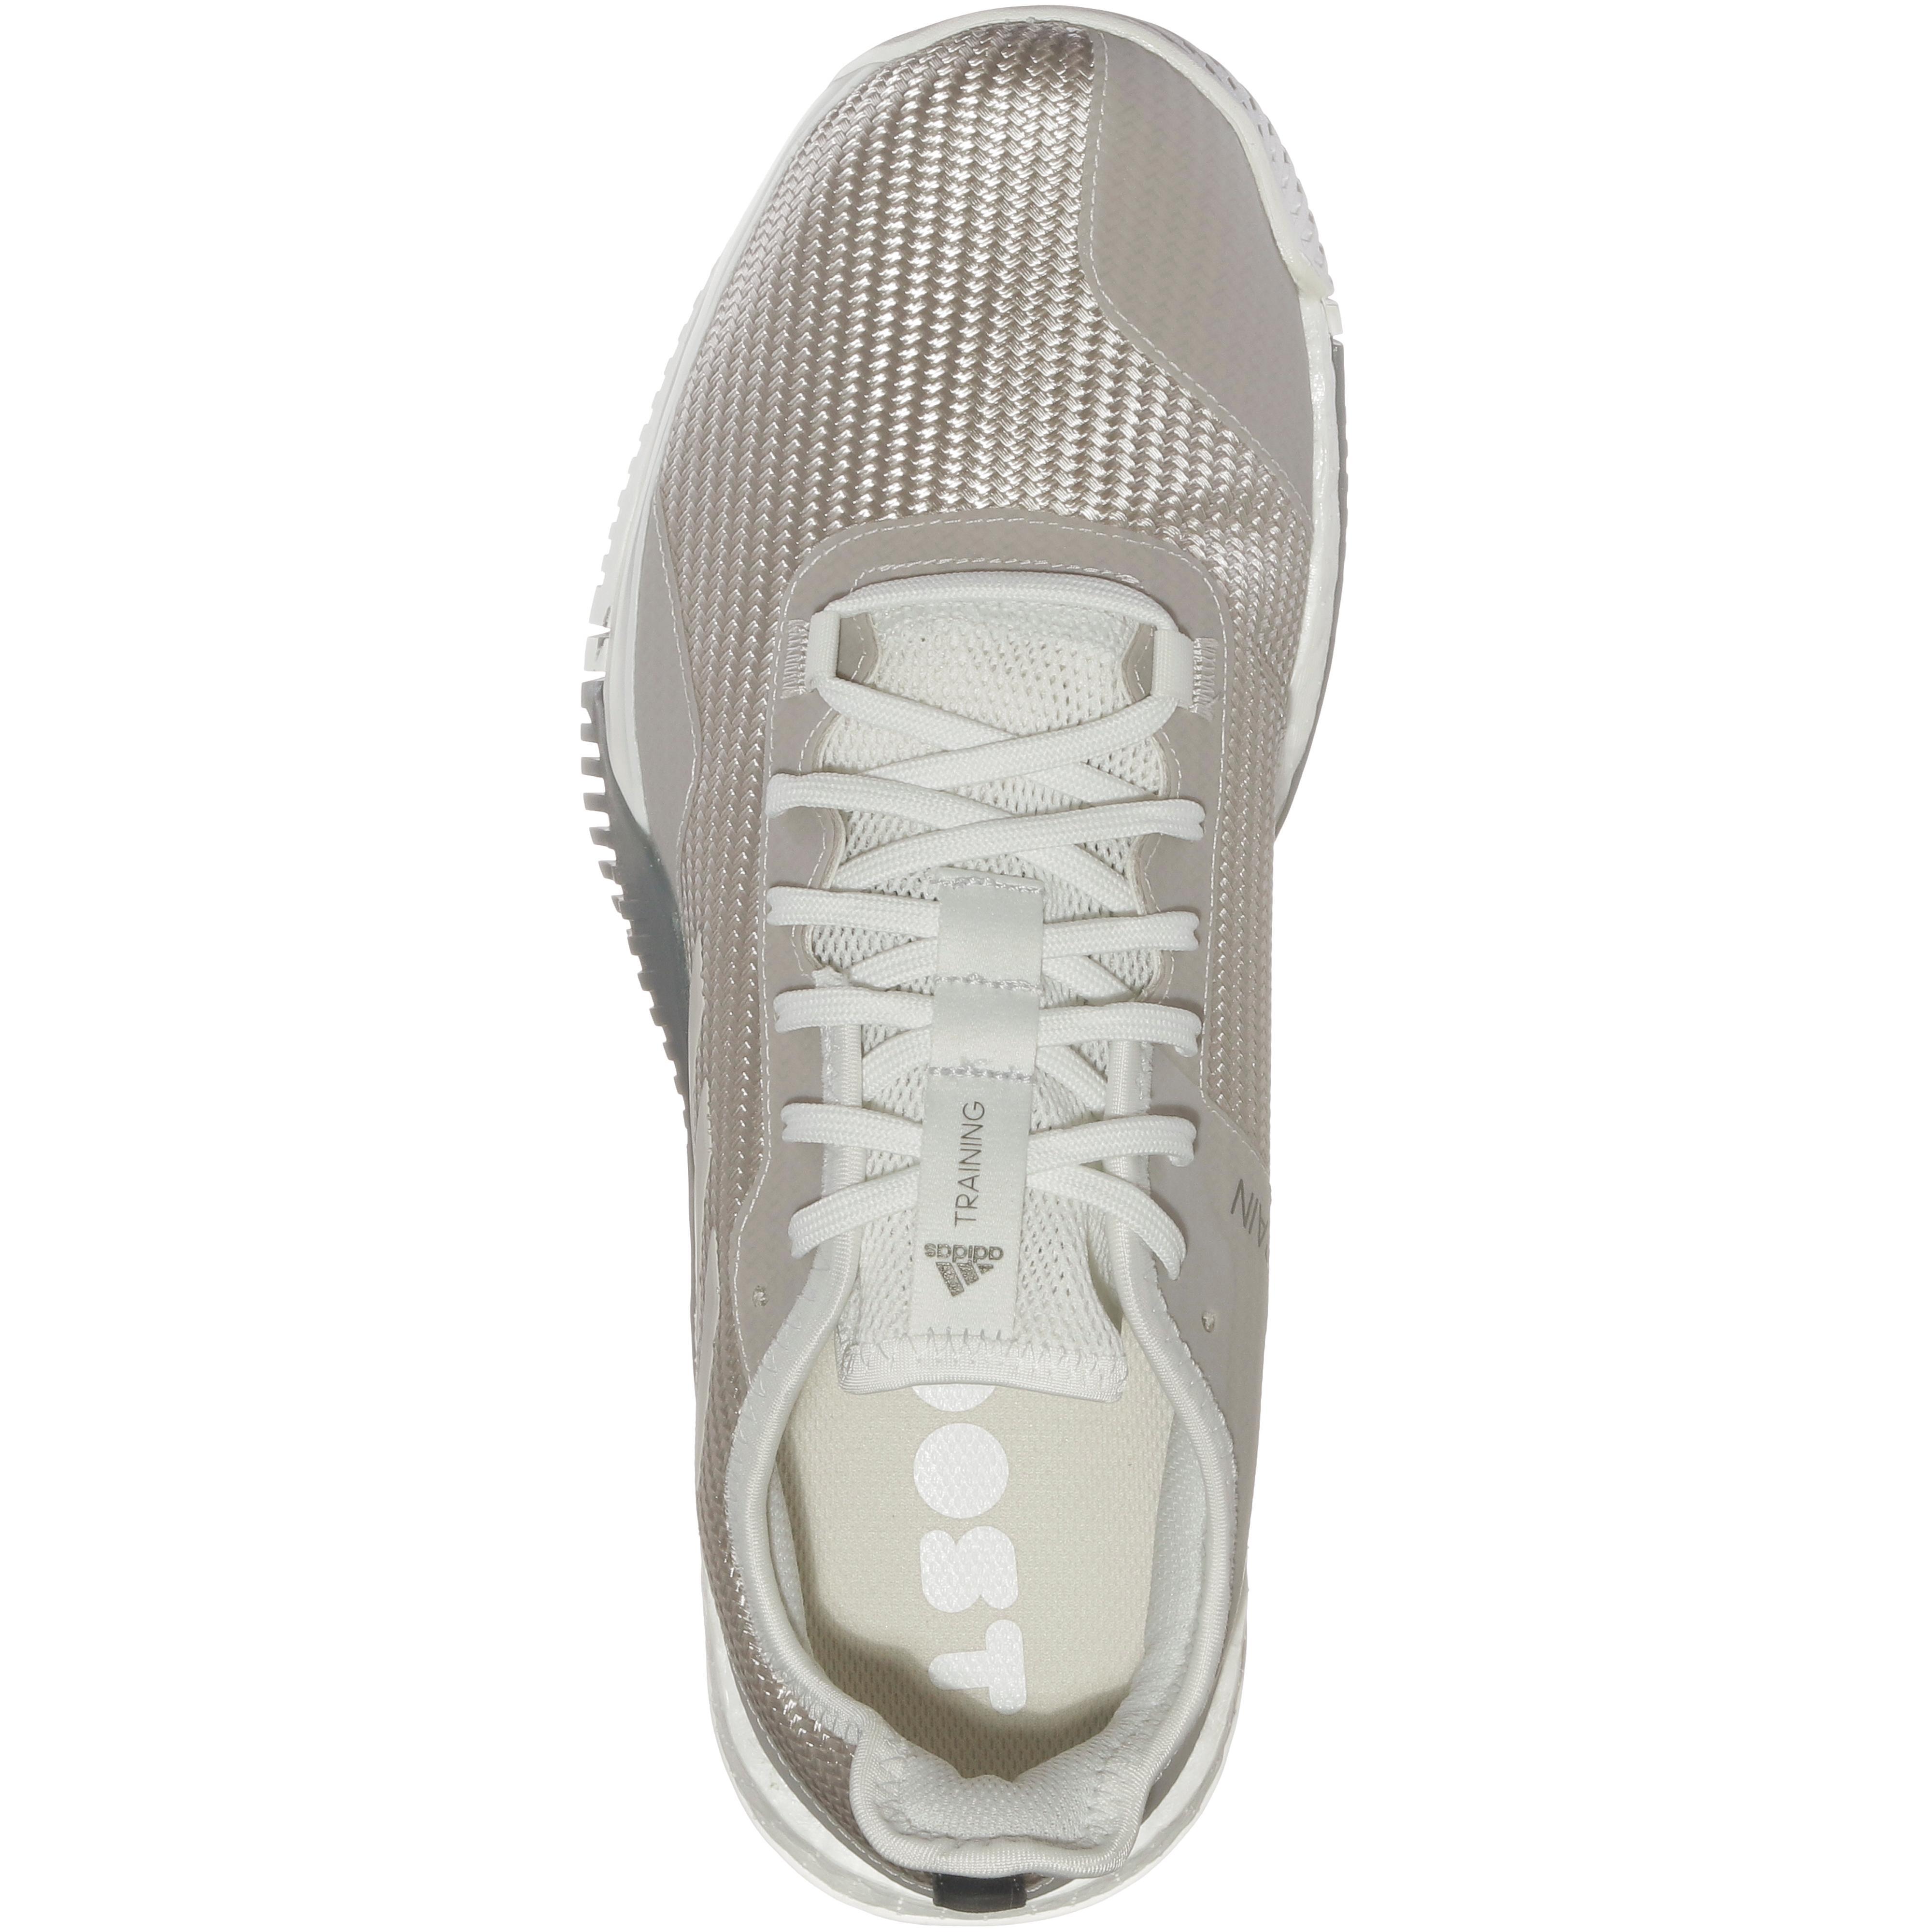 Adidas Crazy Train Elite Fitnessschuhe Herren chalk-pearl im von Online Shop von im SportScheck kaufen Gute Qualität beliebte Schuhe d84be0